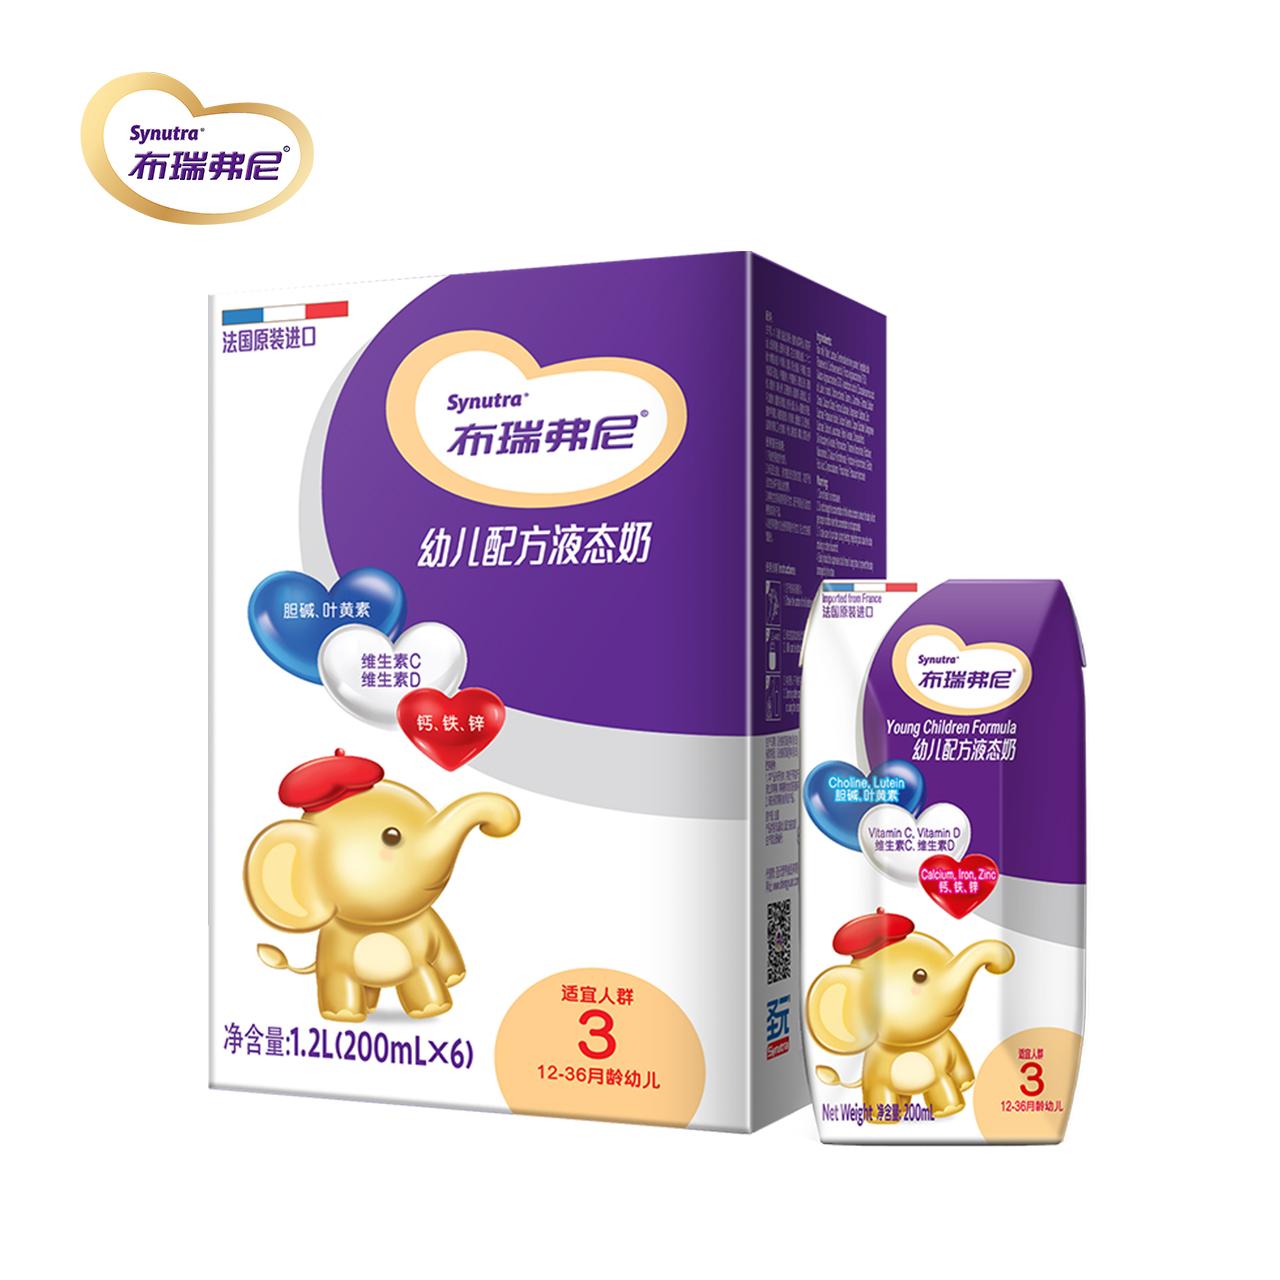 【新客】法国原装进口布瑞弗尼3段幼儿配方液态奶200*6 轻享装